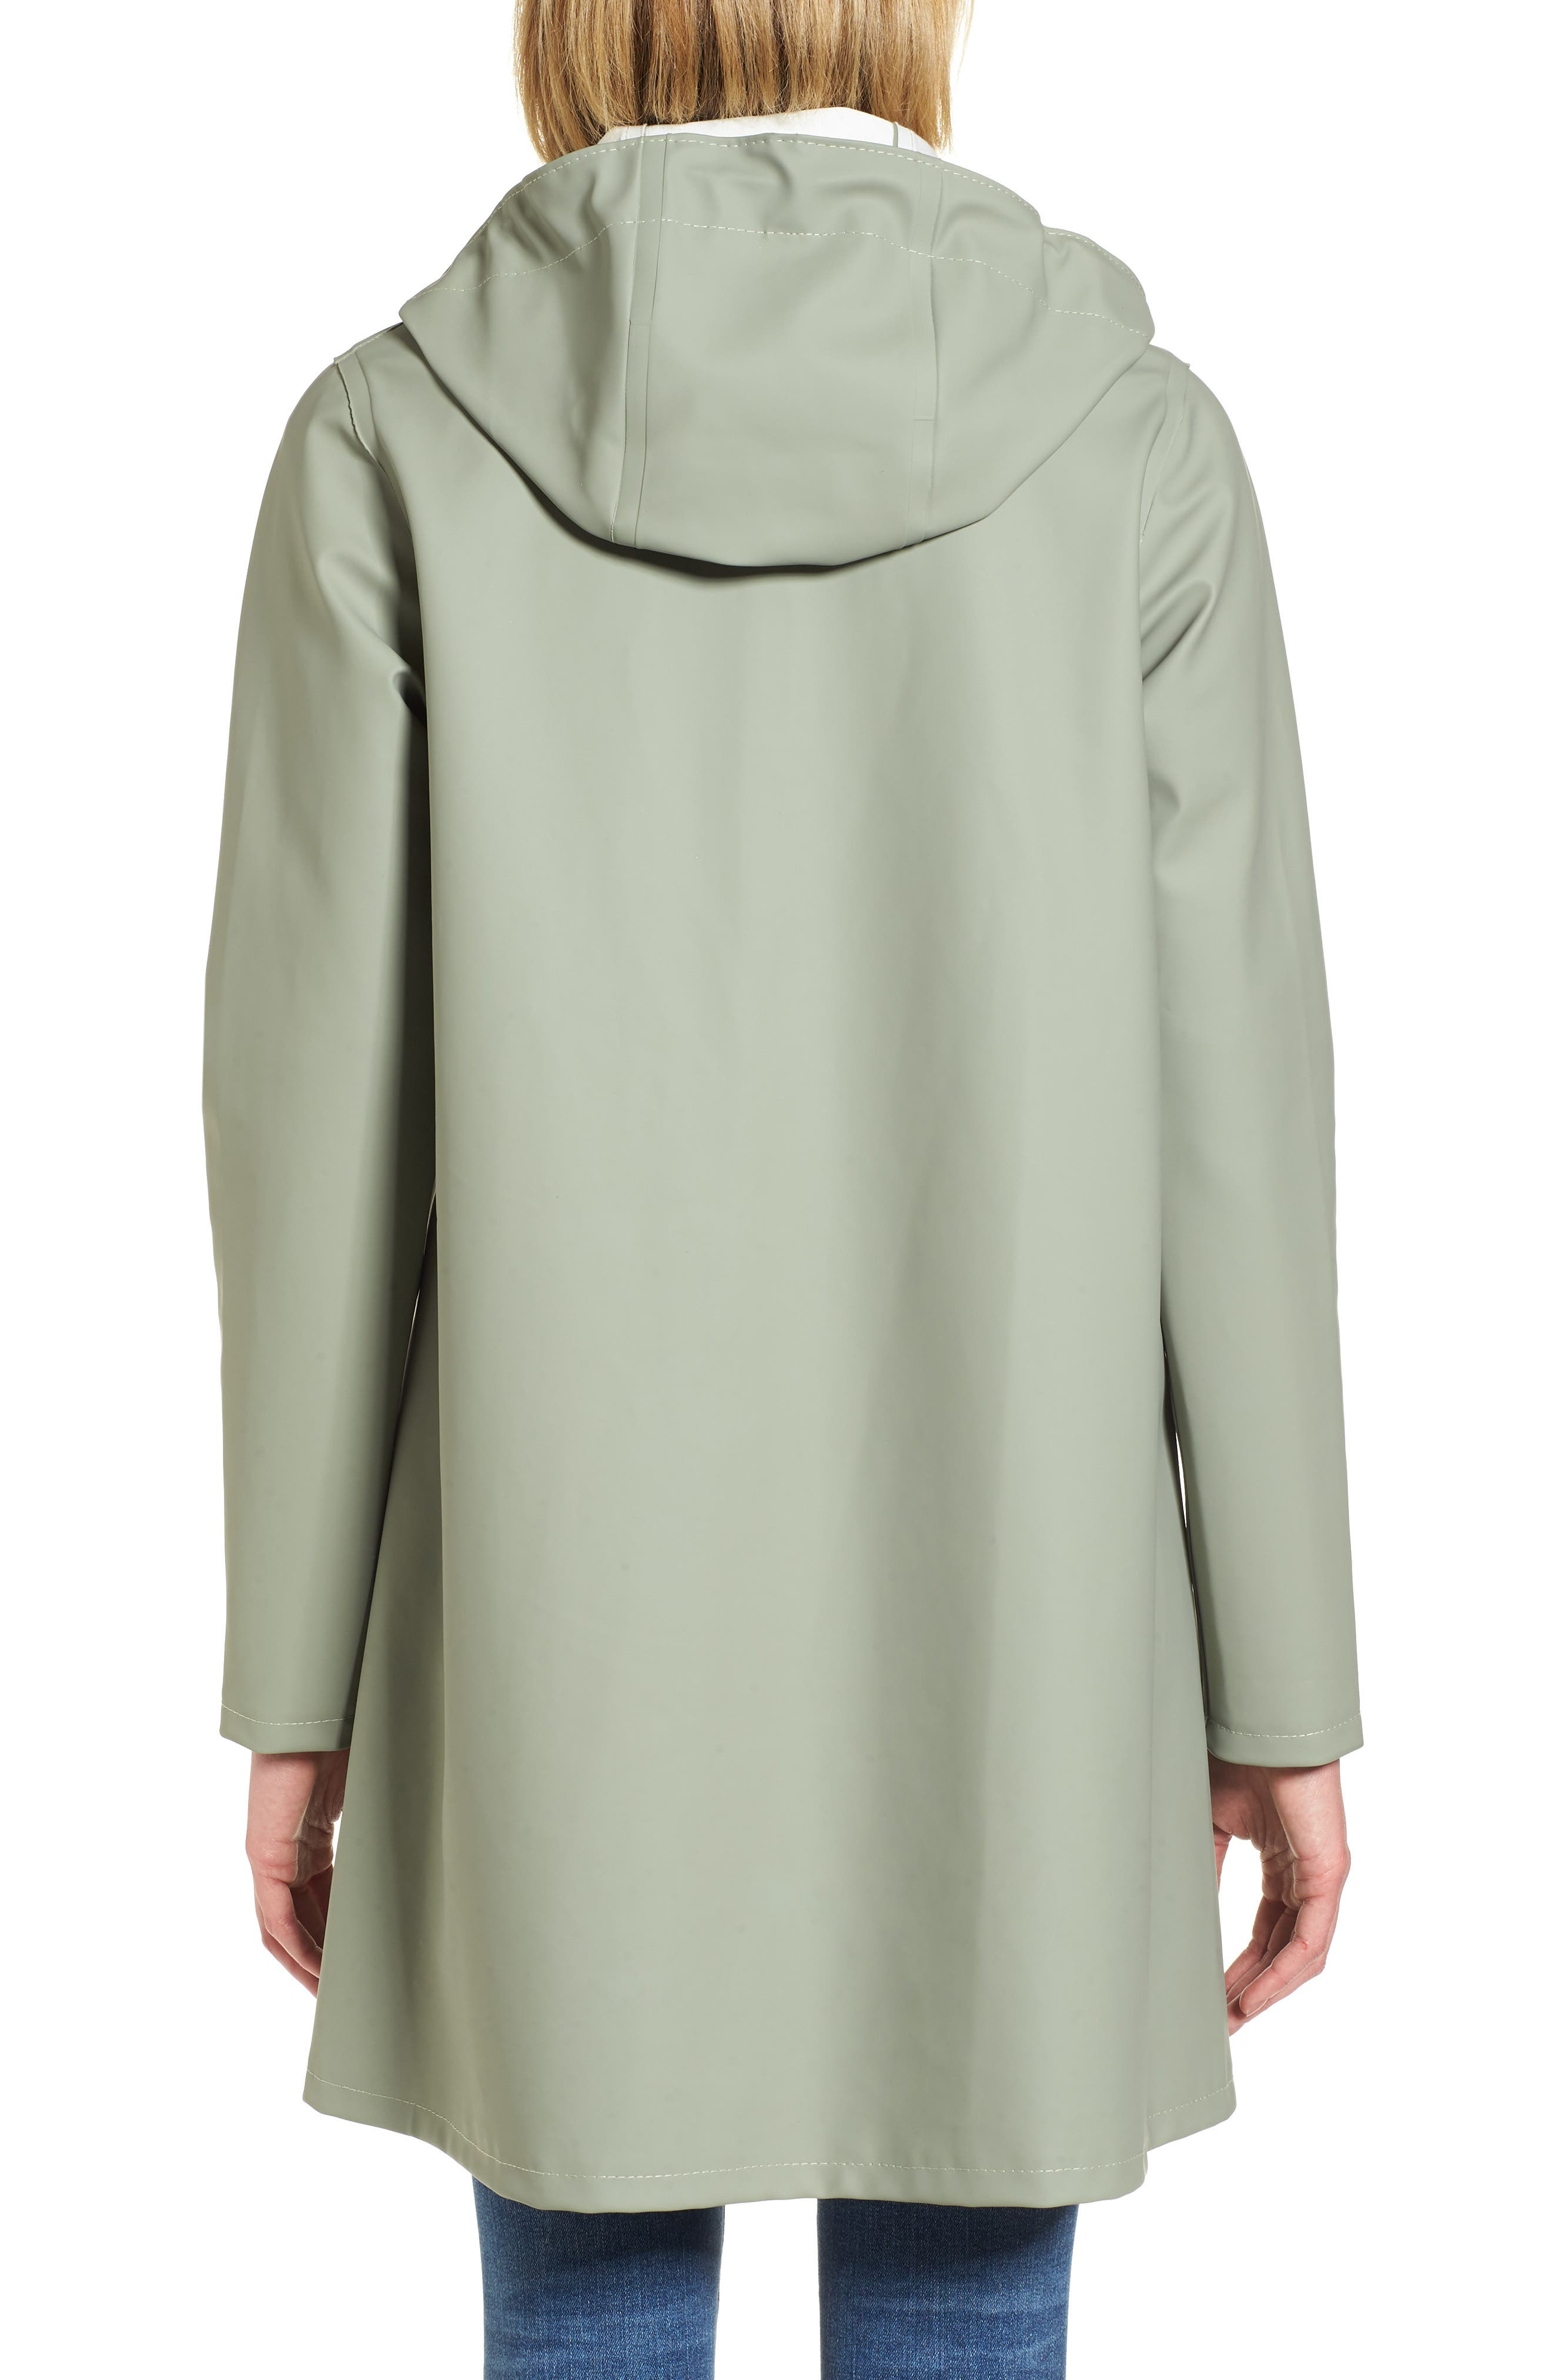 Mosebacke Waterproof A-Line Hooded Raincoat,                             Alternate thumbnail 2, color,                             Khaki Green